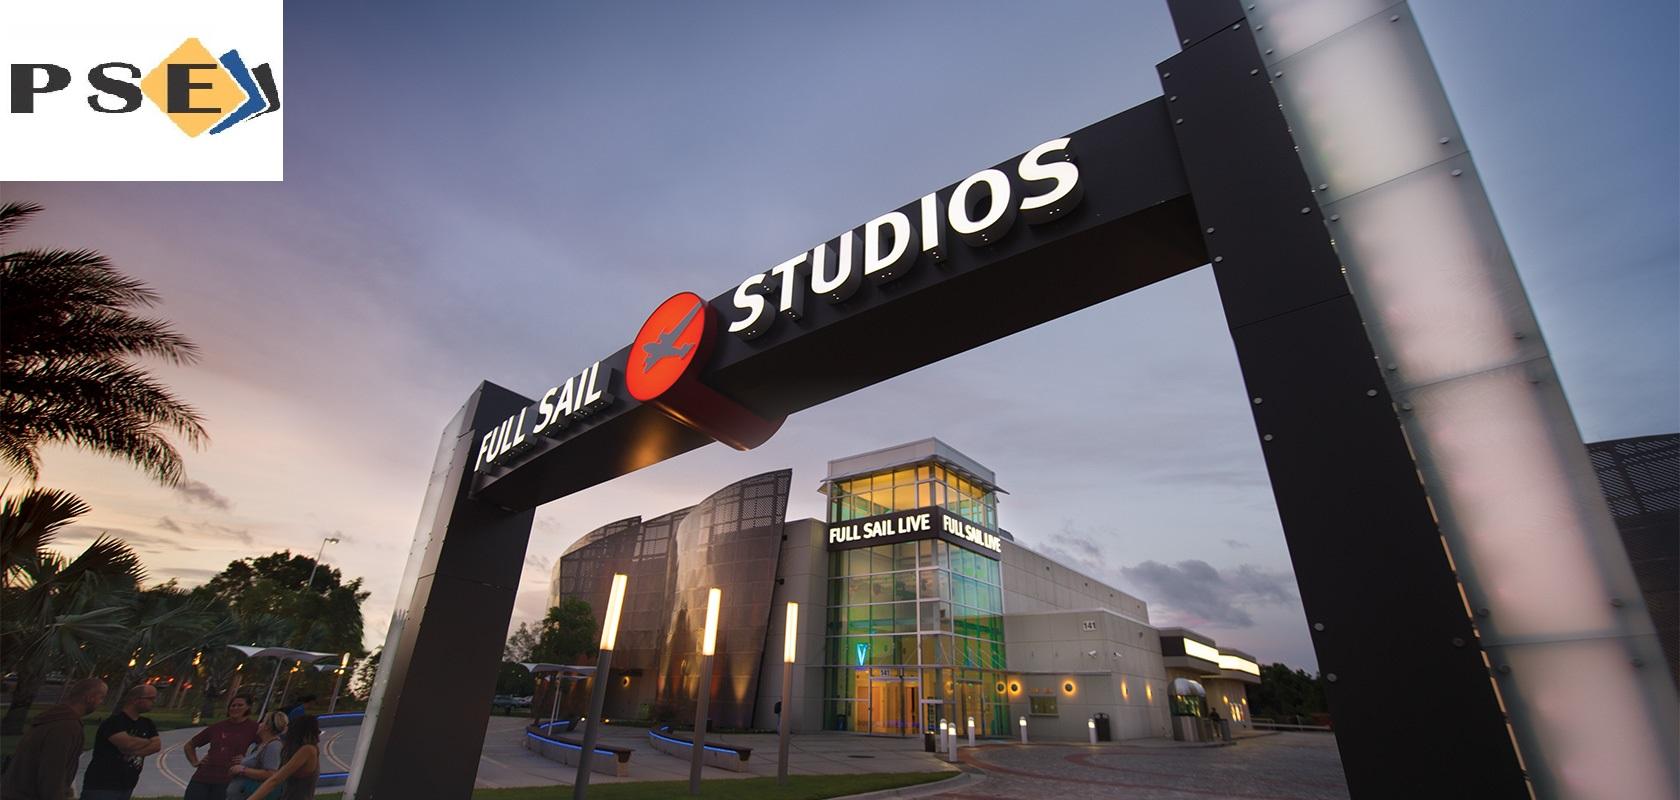 ĐẠI HỌC FULL SAIL, BANG FLORIDA CƠ HỘI LẤY BẰNG CỬ NHÂN CỦA MỸ VỀ TRUYỀN THÔNG-THIẾT KẾ-FILM-GAME-STEM CHỈ TRONG 20 THÁNG